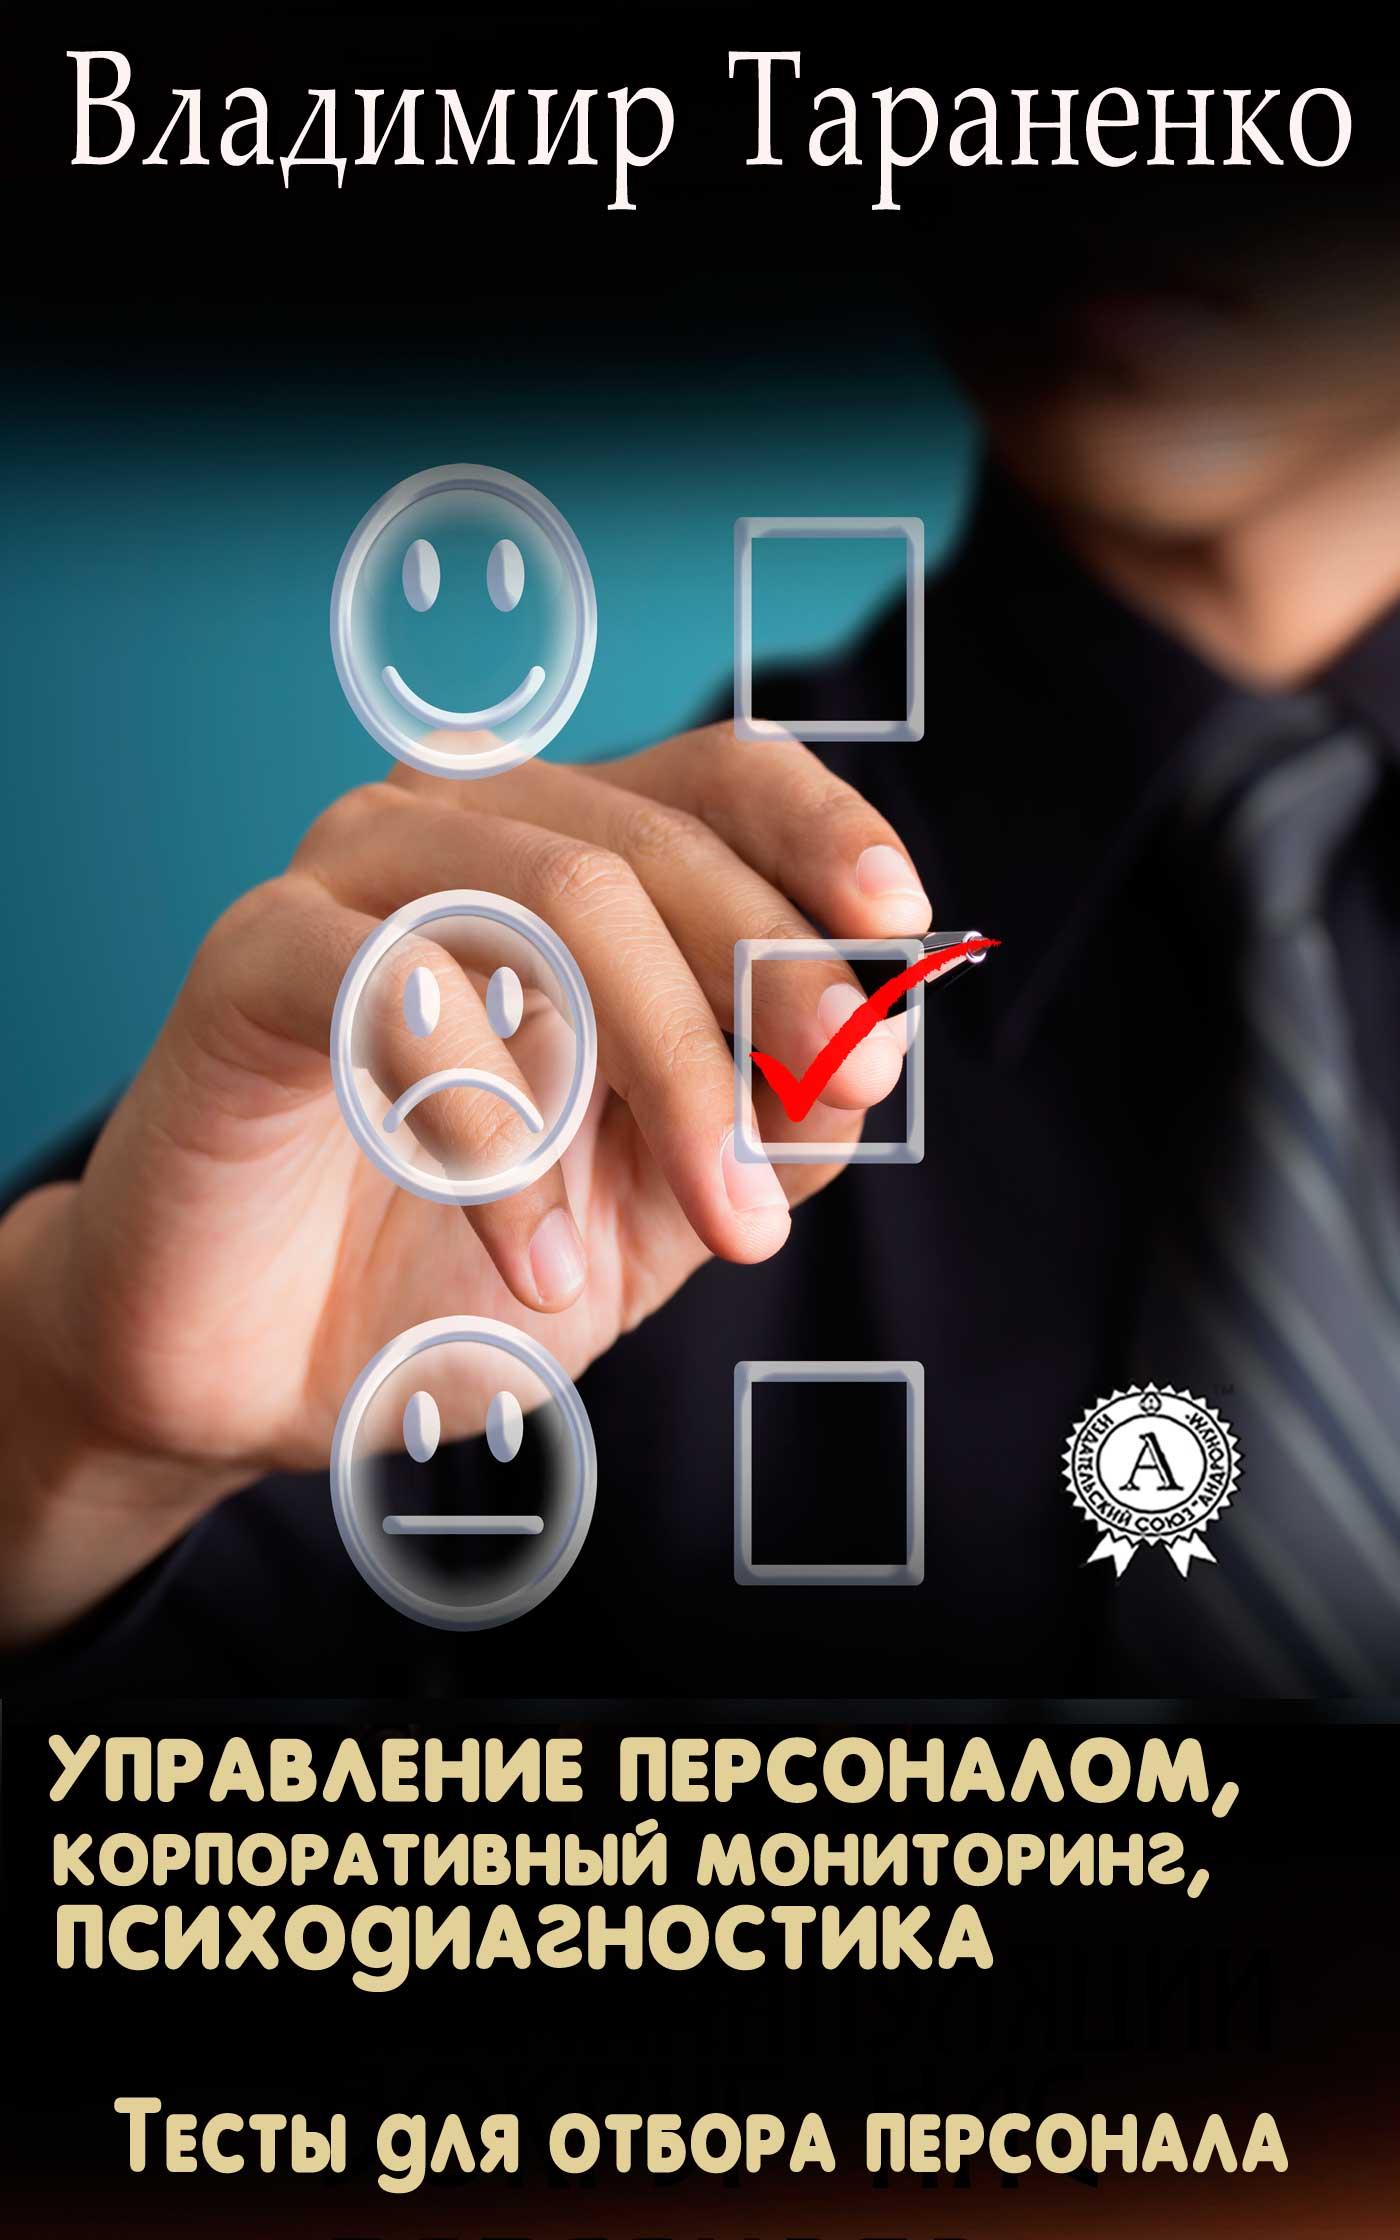 Владимир Тараненко Управление персоналом, корпоративный мониторинг, психодиагностика